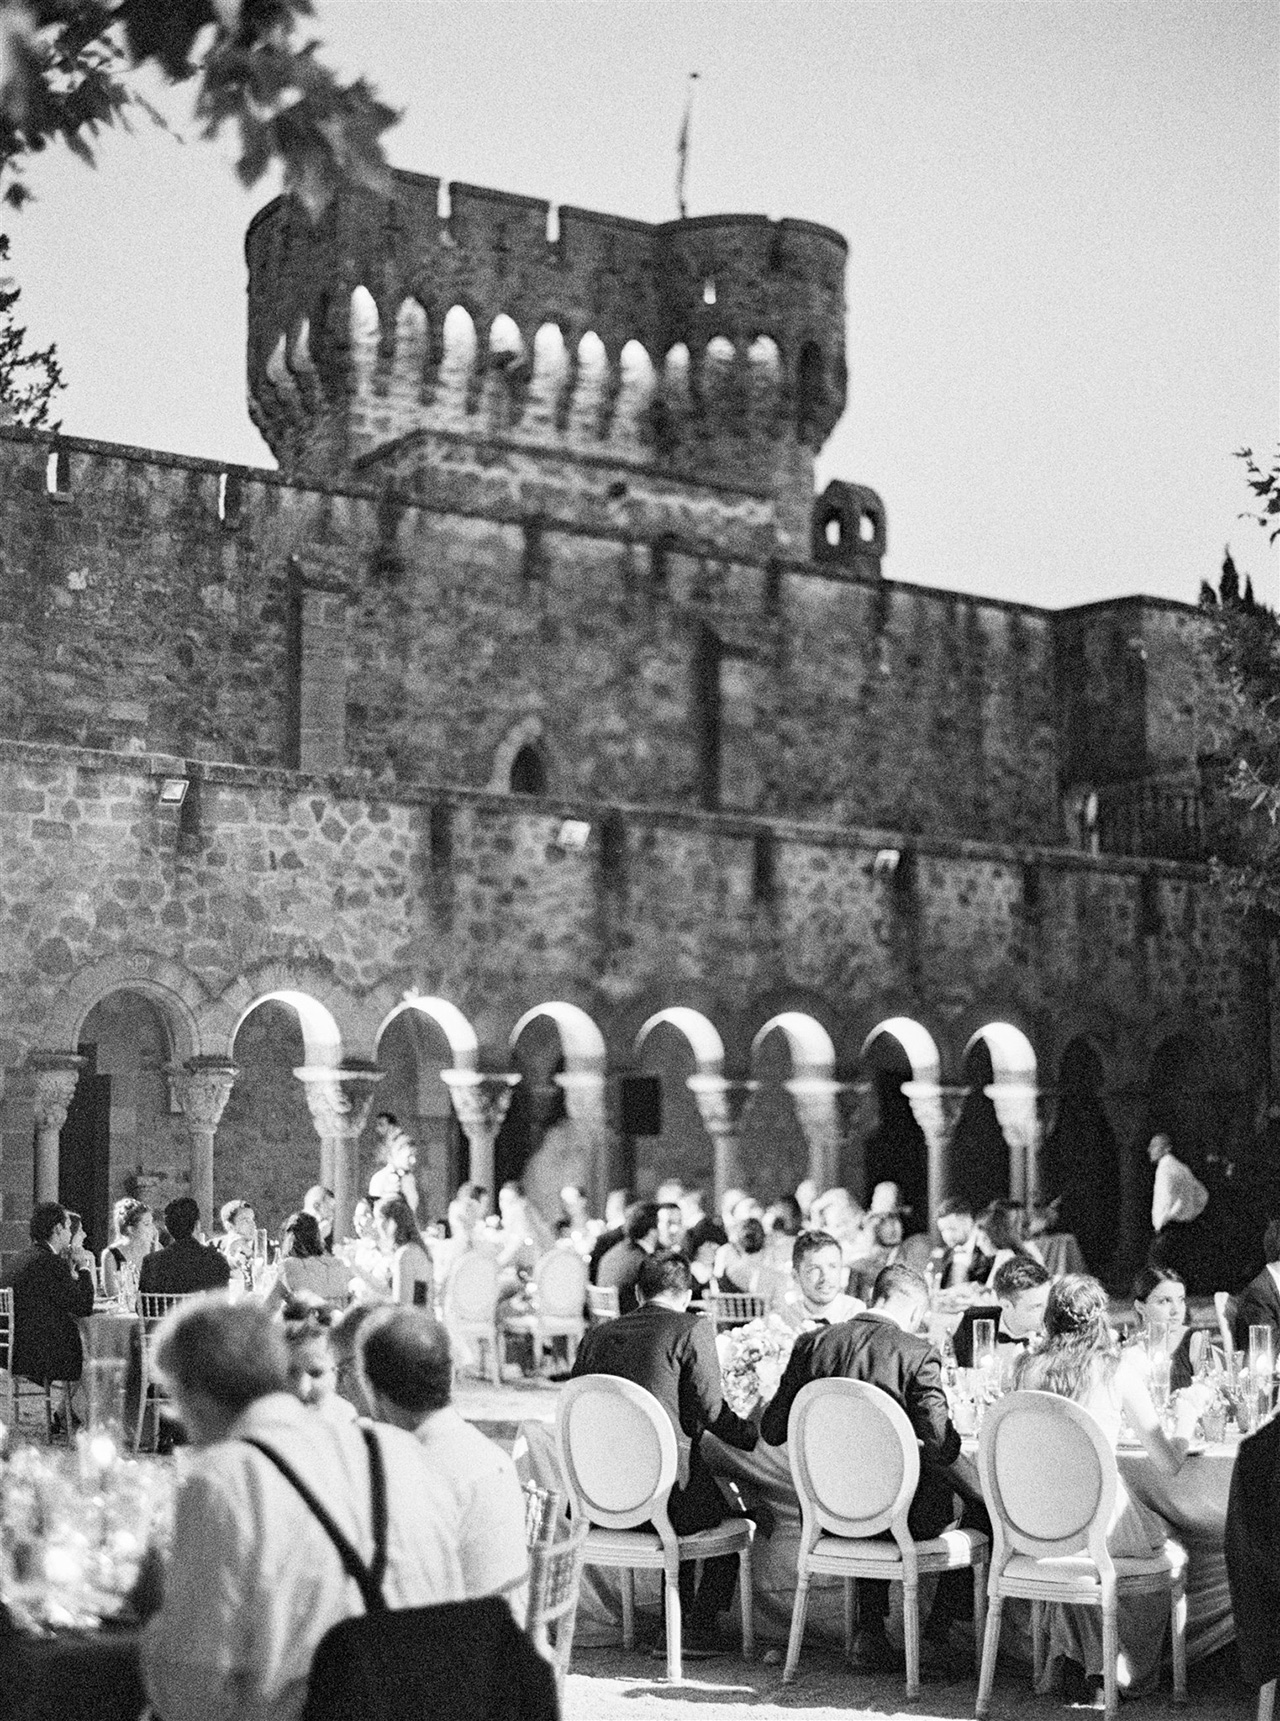 outdoor wedding reception guests historic castle